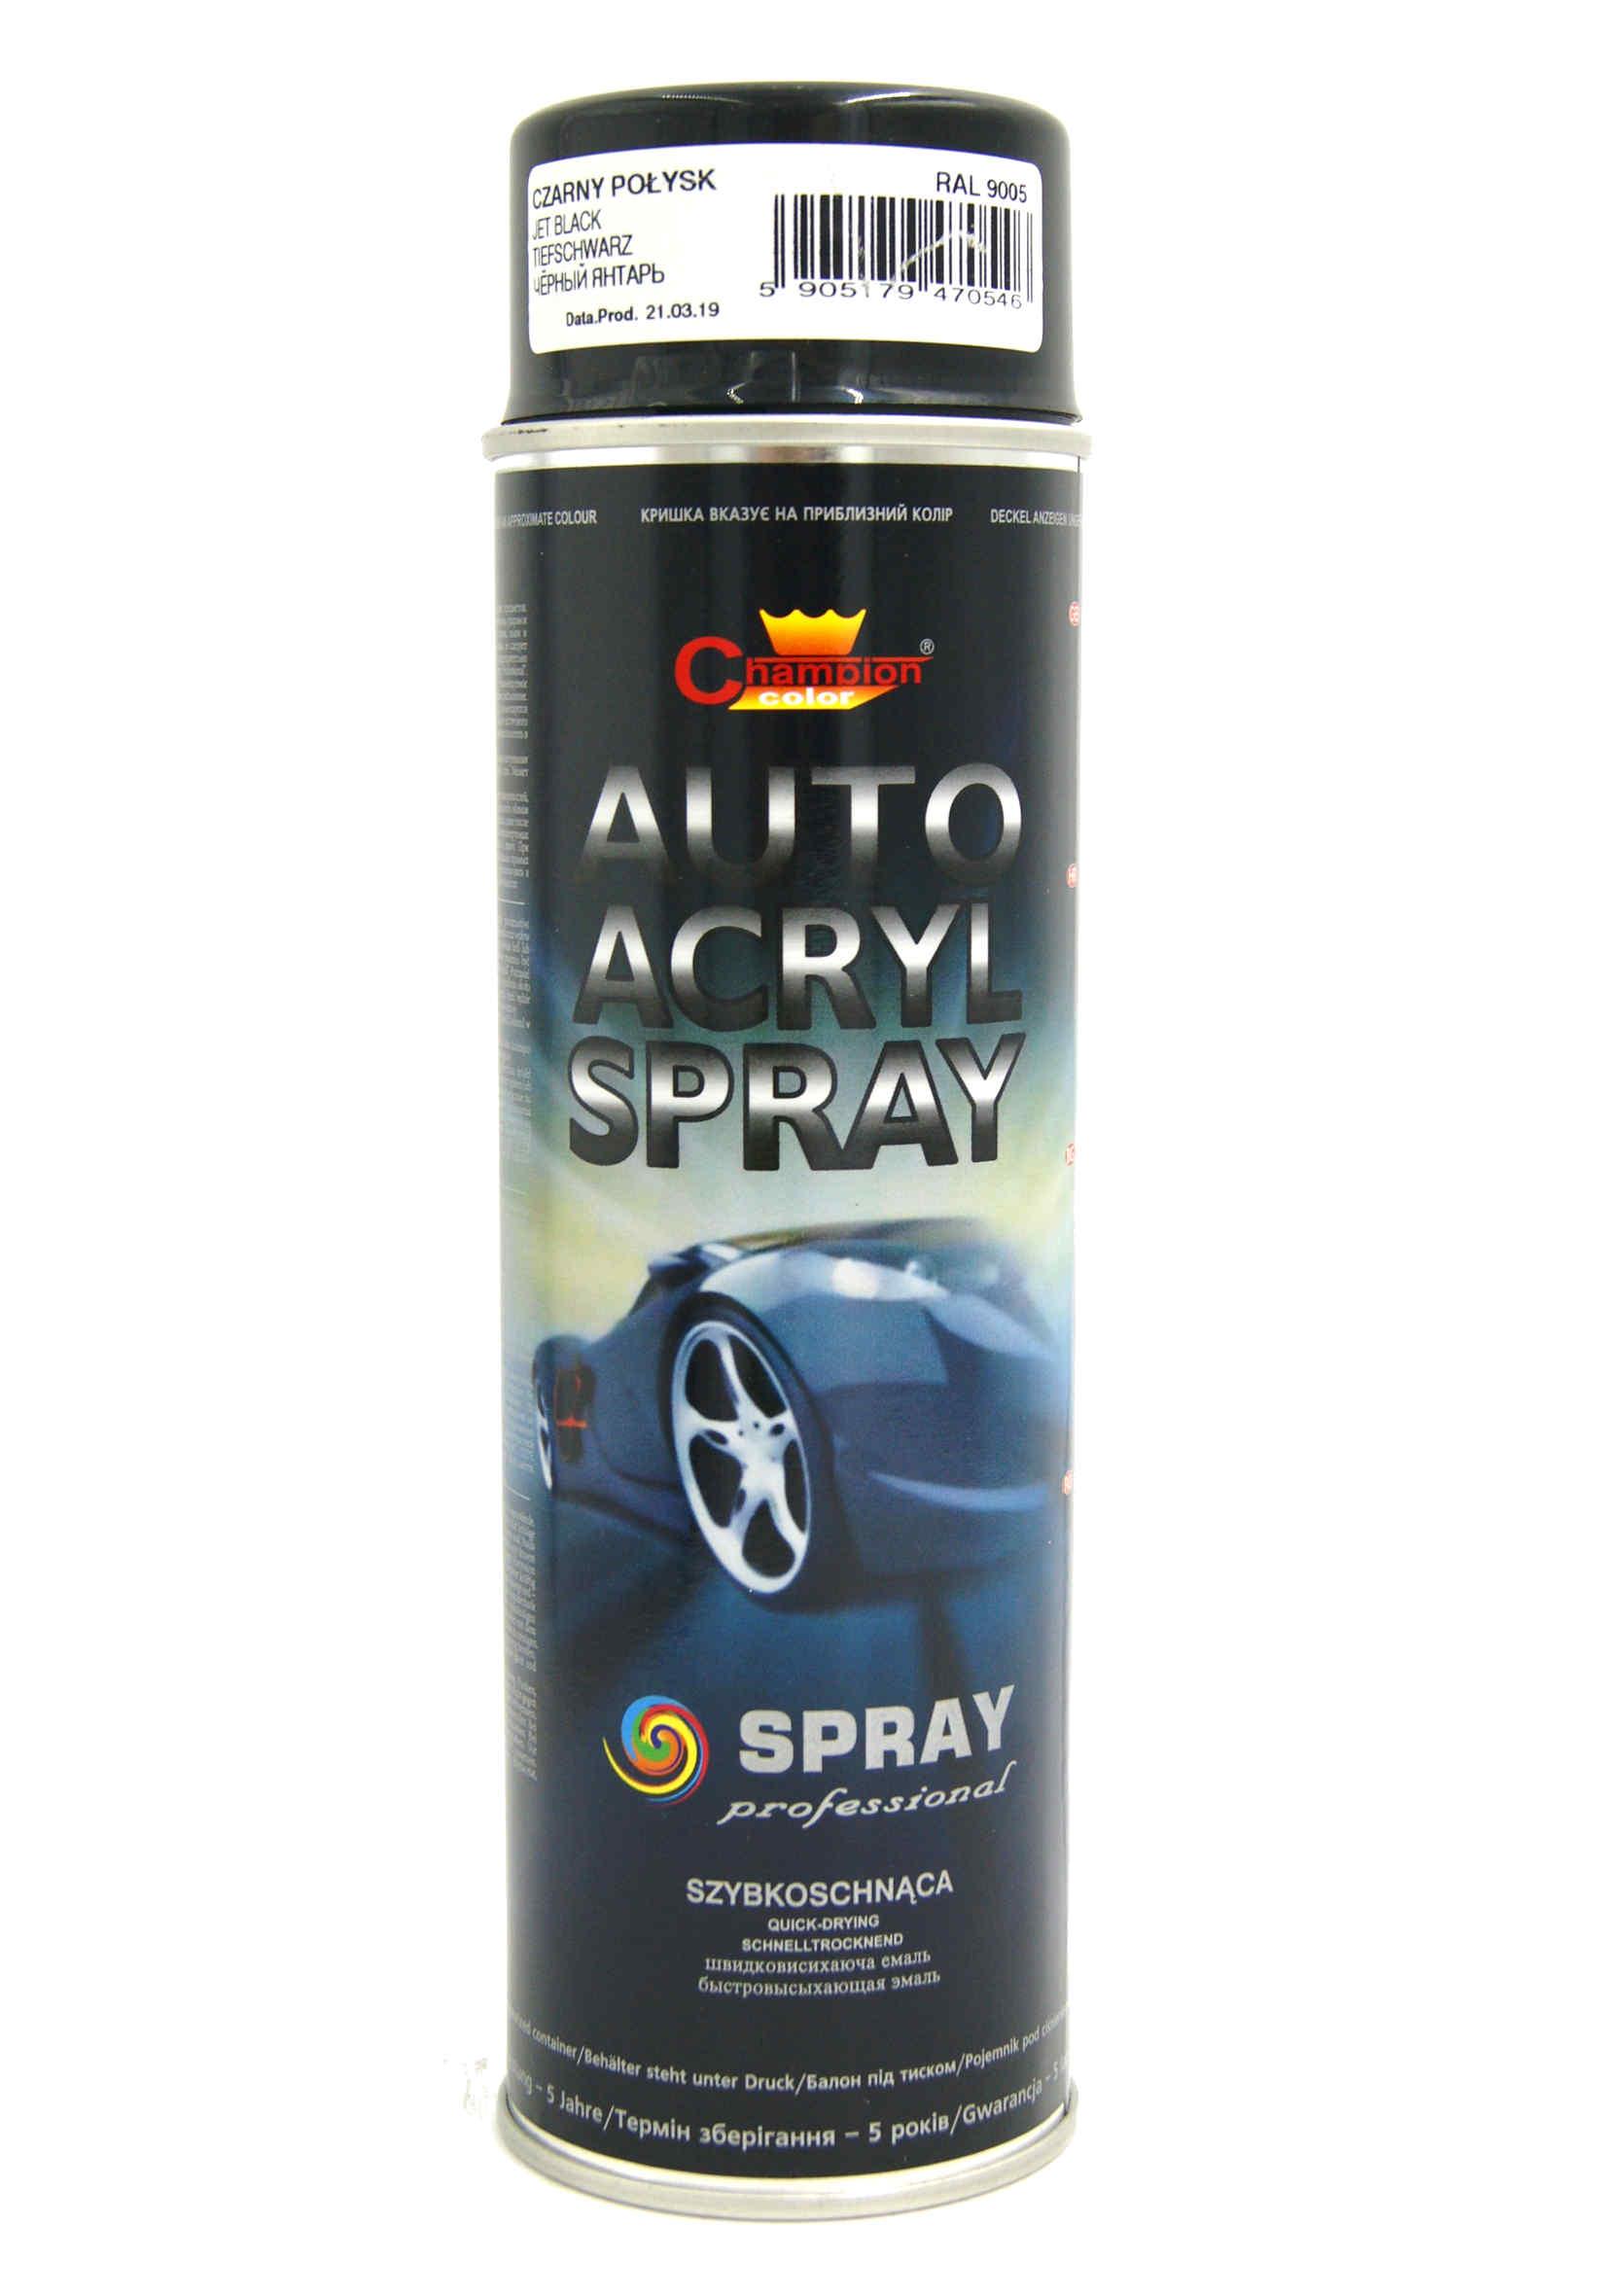 Champion Auto Acryl Czarny Połysk 9005 500ml Lakier Akrylowy w Sprayu